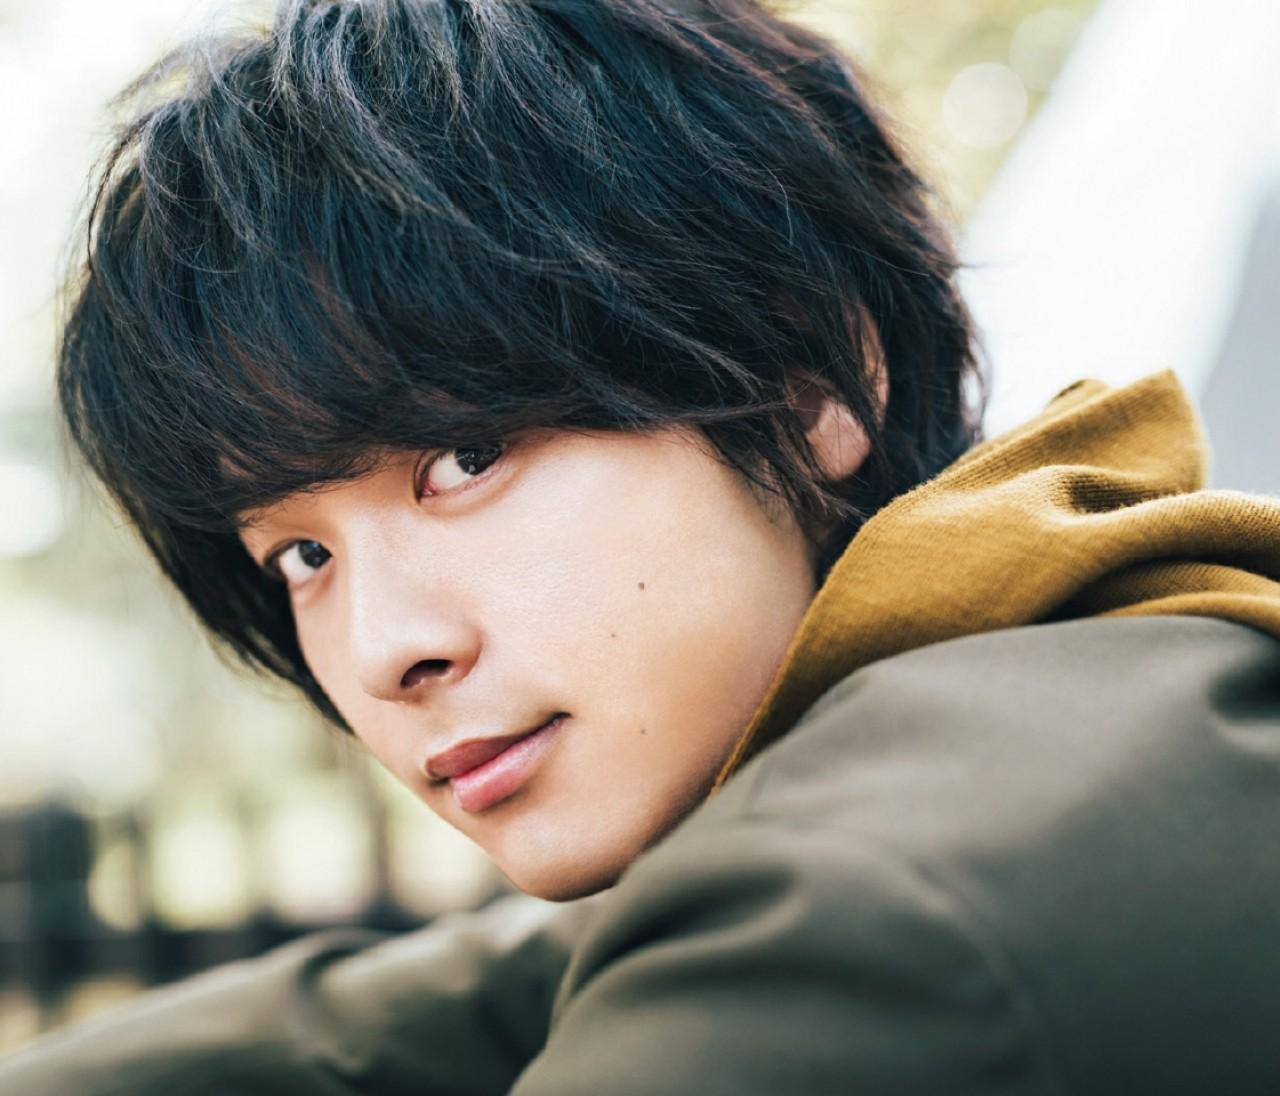 【俳優・中村倫也インタビュー】本当の彼にふれたくて——